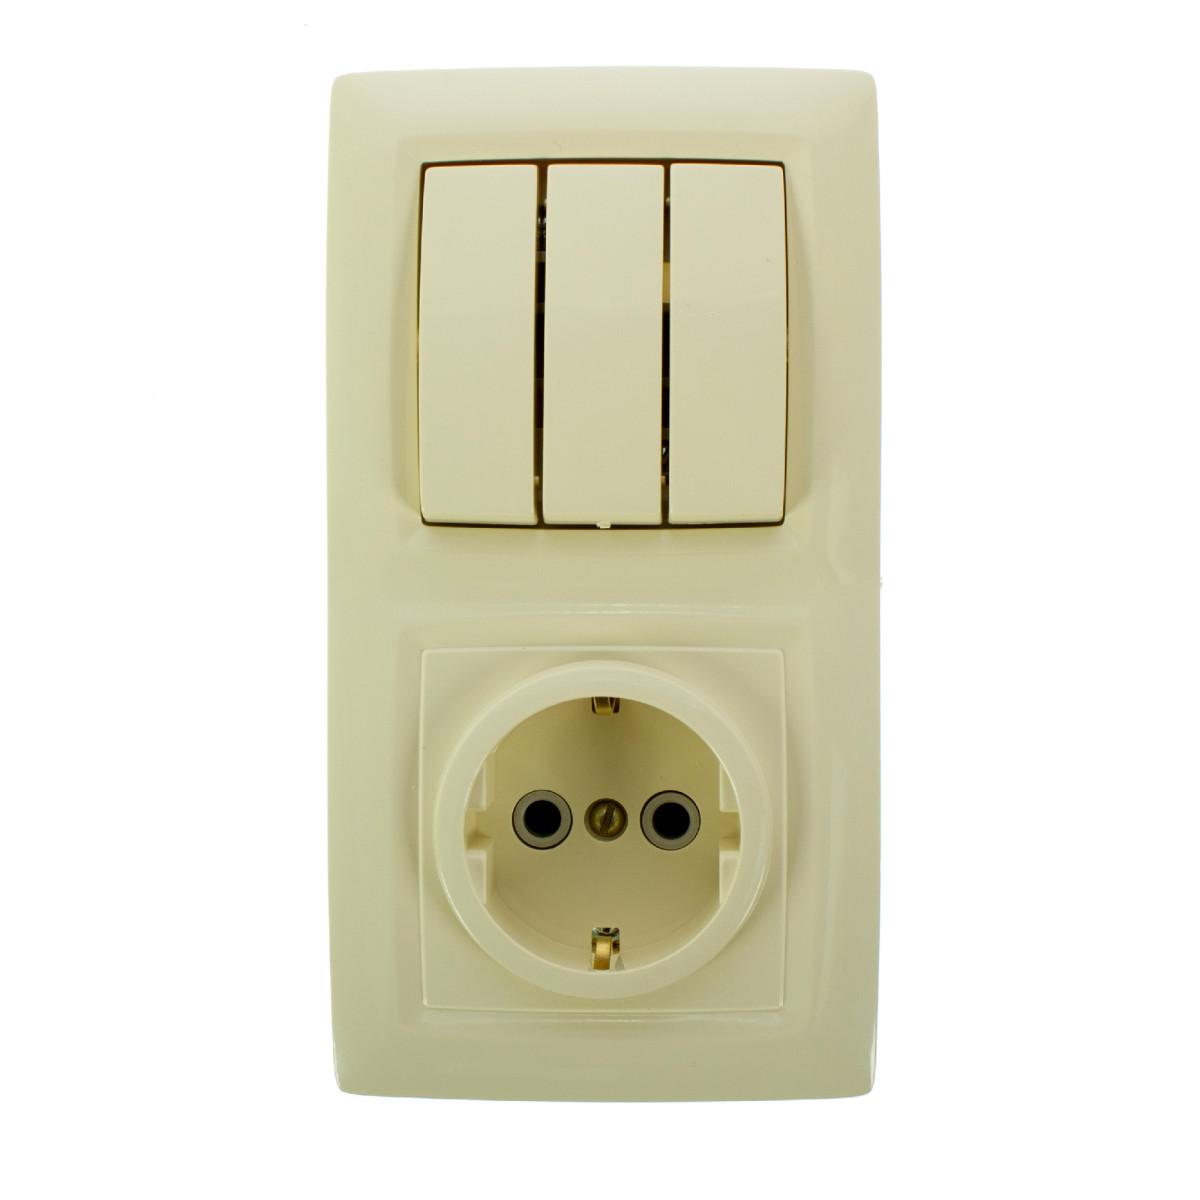 Блок выключатель с розеткой встраиваемый Reone 3 клавиши с заземлением цвет слоновая кость